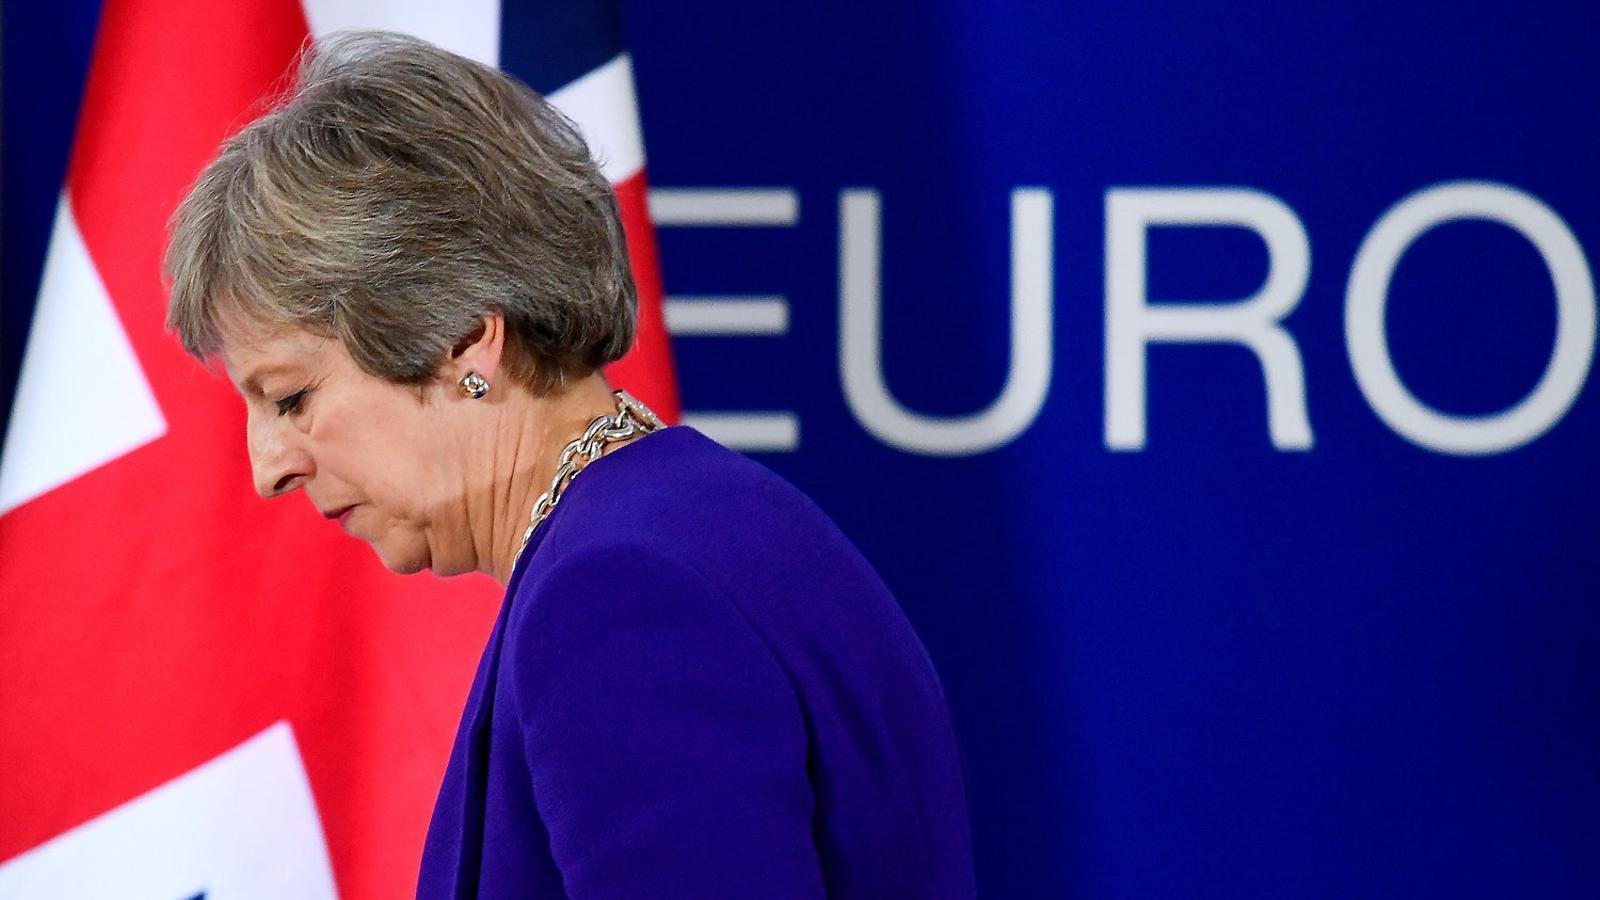 La primera ministra britànica, Theresa May, després de fer una roda de premsa ahir a Brussel·les.